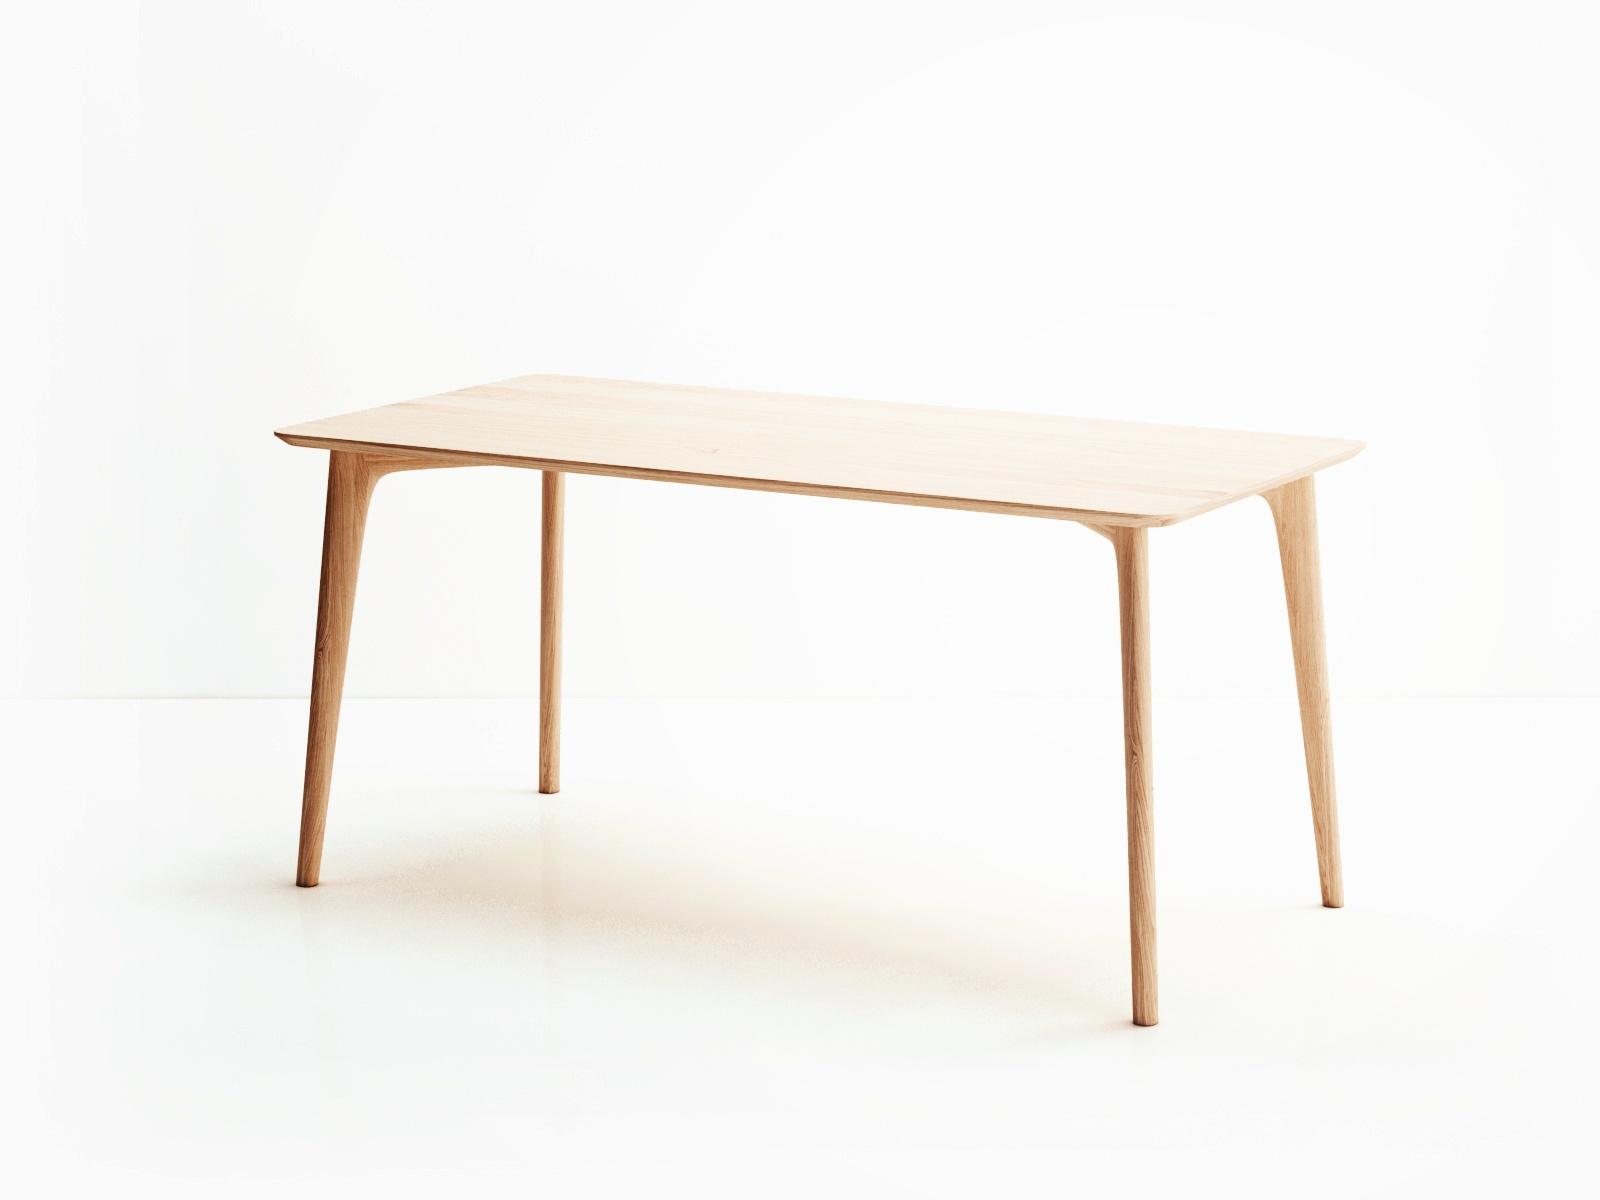 Стол IGGYОбеденные столы<br>Обеденный стол IGGY- это лаконичный дизайн, изящные, эргономичные формы и благородная фактура дерева.Ножки выполнены из массива дуба и отвечают за его прочность и устойчивость.Столешница - шпонированный дуб.Размеры стола позволяют комфортно расположится большому количеству людей.&amp;lt;div&amp;gt;&amp;lt;br&amp;gt;&amp;lt;/div&amp;gt;&amp;lt;div&amp;gt;Материал: массив дуба, МДФ, натуральный шпон дуба, лак.&amp;lt;br&amp;gt;&amp;lt;/div&amp;gt;&amp;lt;div&amp;gt;&amp;lt;br&amp;gt;&amp;lt;/div&amp;gt;&amp;lt;div&amp;gt;<br>Информация о комплекте&amp;lt;a href=&amp;quot;https://www.thefurnish.ru/shop/mebel/mebel-dlya-doma/komplekty-mebeli/66432-obedennaya-gruppa-iggy-stol-plius-6-stuliev&amp;quot;&amp;gt;&amp;lt;b&amp;gt;&amp;amp;gt;&amp;amp;gt; Перейти&amp;lt;/b&amp;gt;&amp;lt;/a&amp;gt;<br>&amp;lt;/div&amp;gt;<br><br>Material: Дуб<br>Ширина см: 160<br>Высота см: 75<br>Глубина см: 80